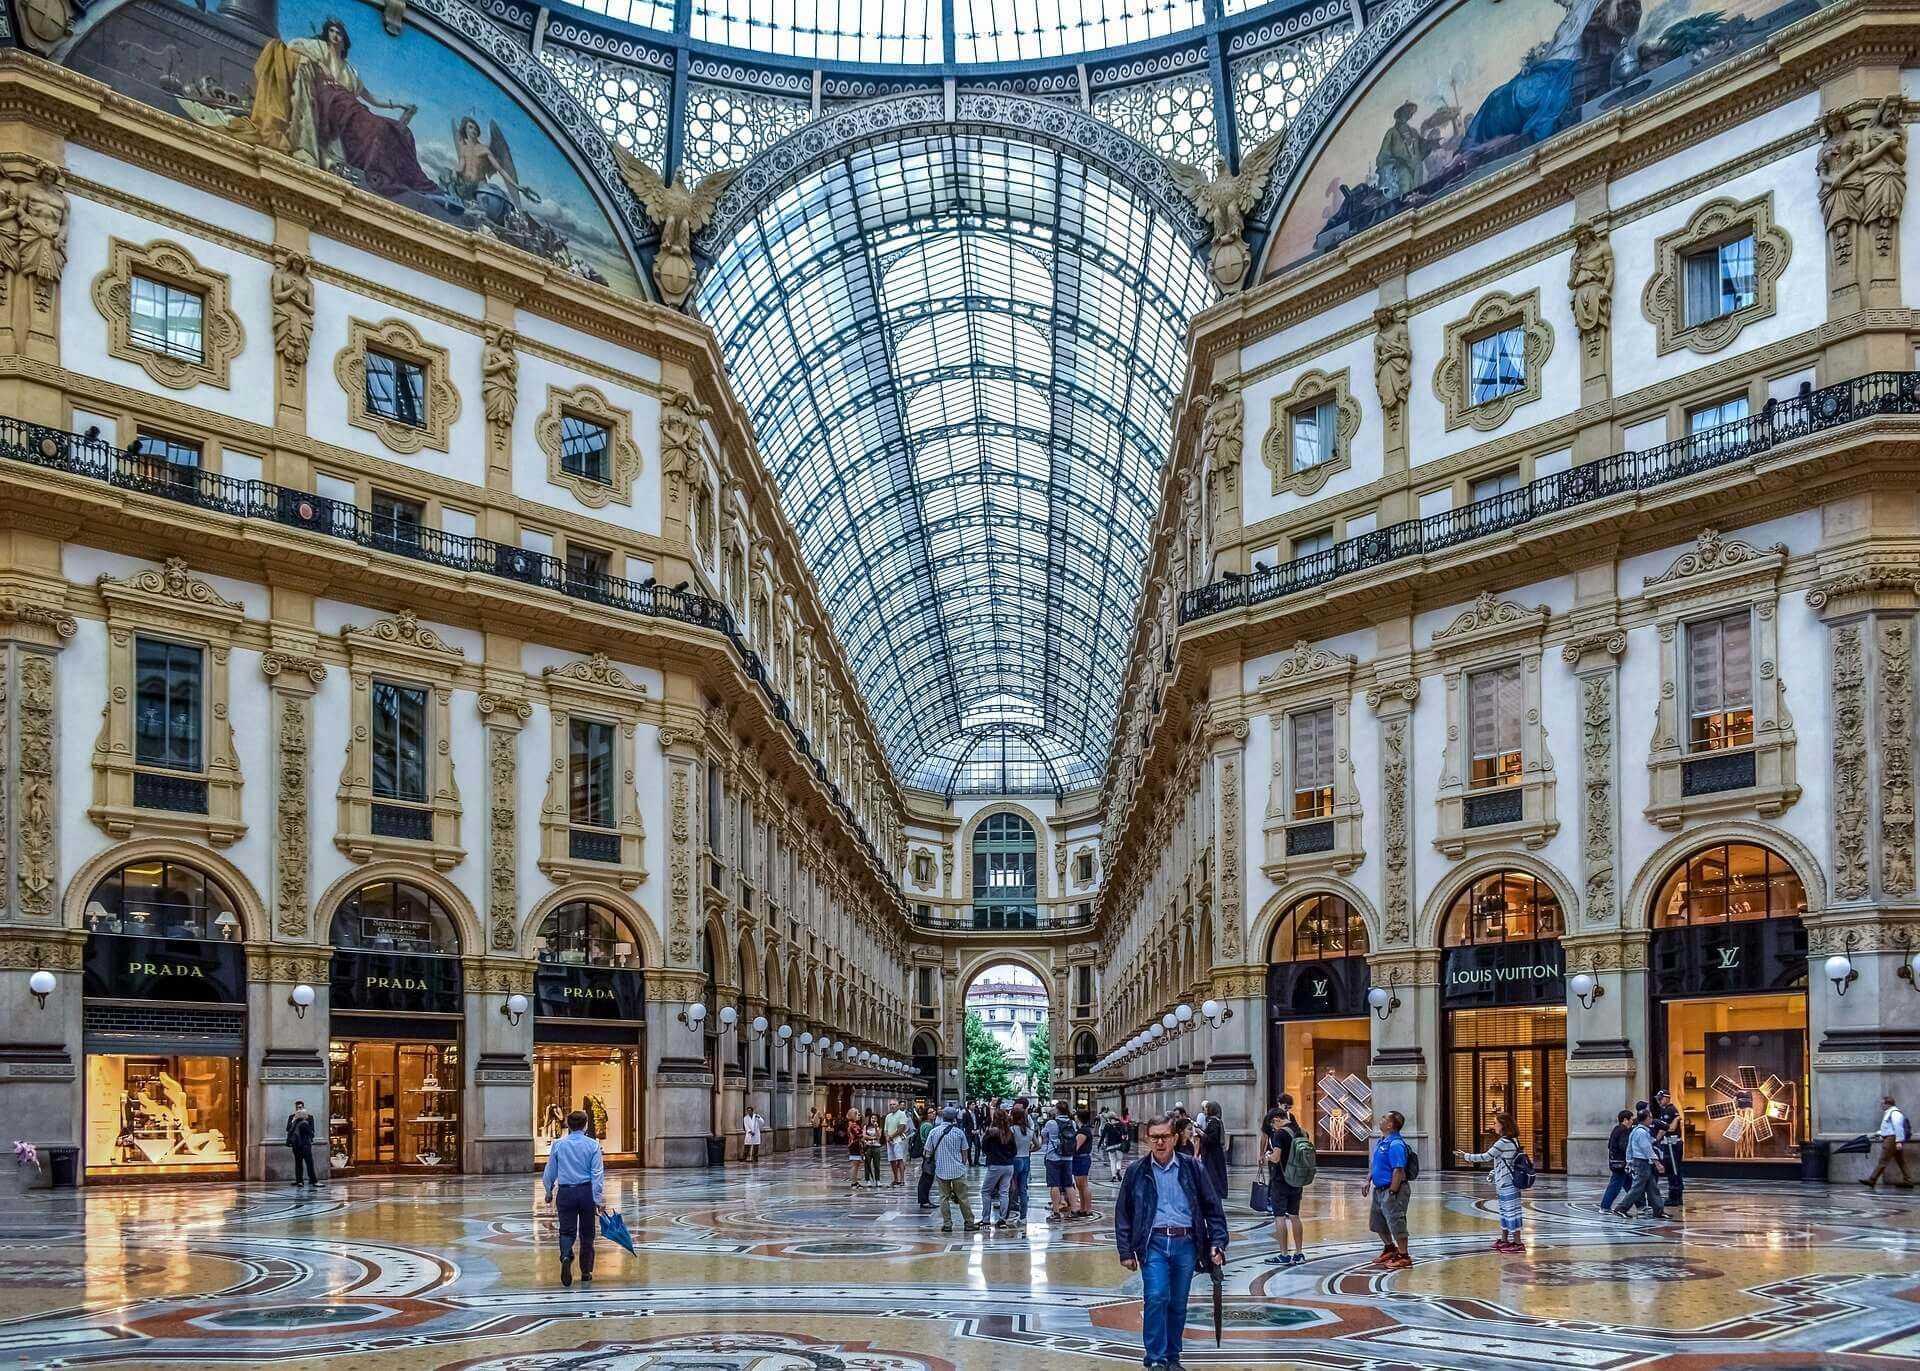 אטרקציות במילאנו ב-2021 - כרטיסים, מחירים, המלצות וטיפים חשובים!